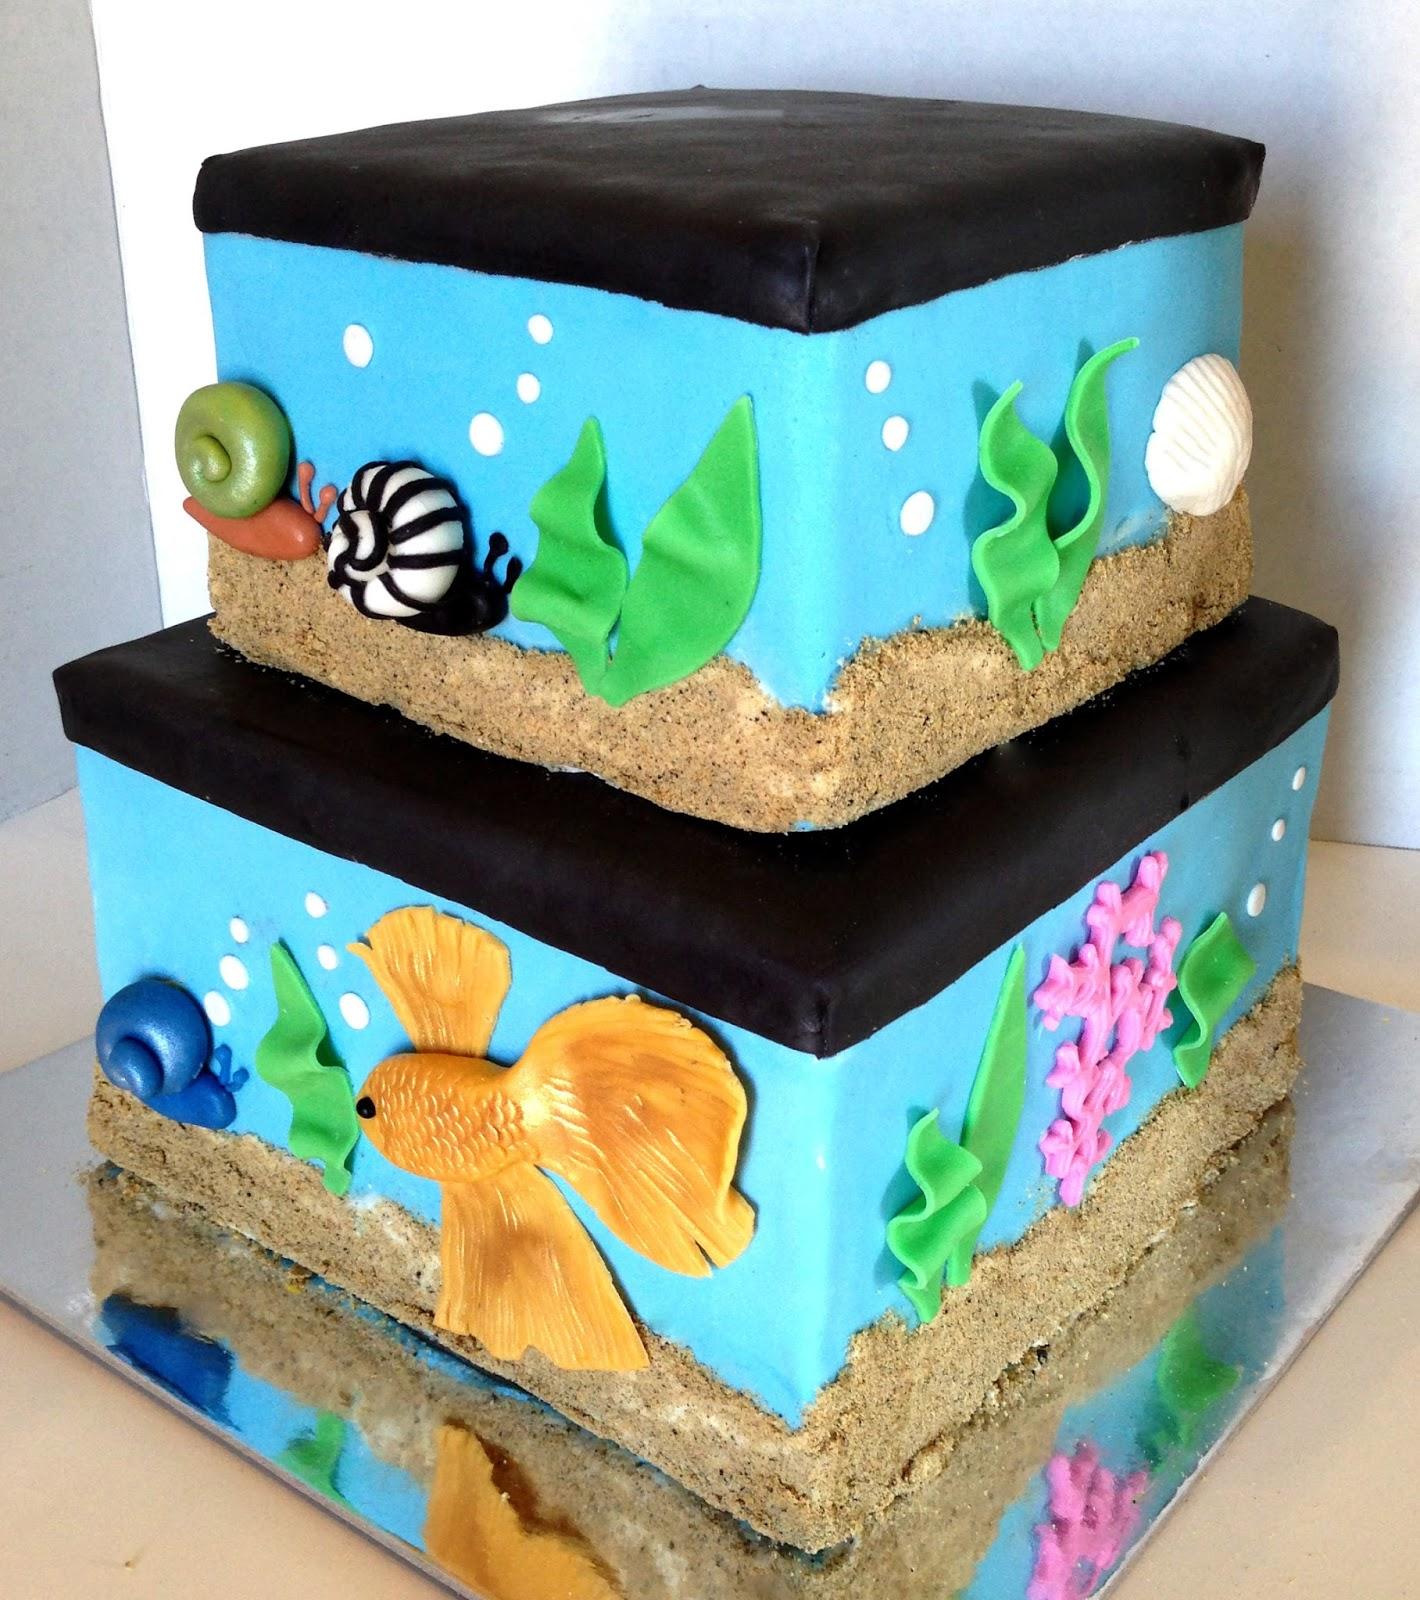 The cake market aquarium cake for Fish tank cake designs